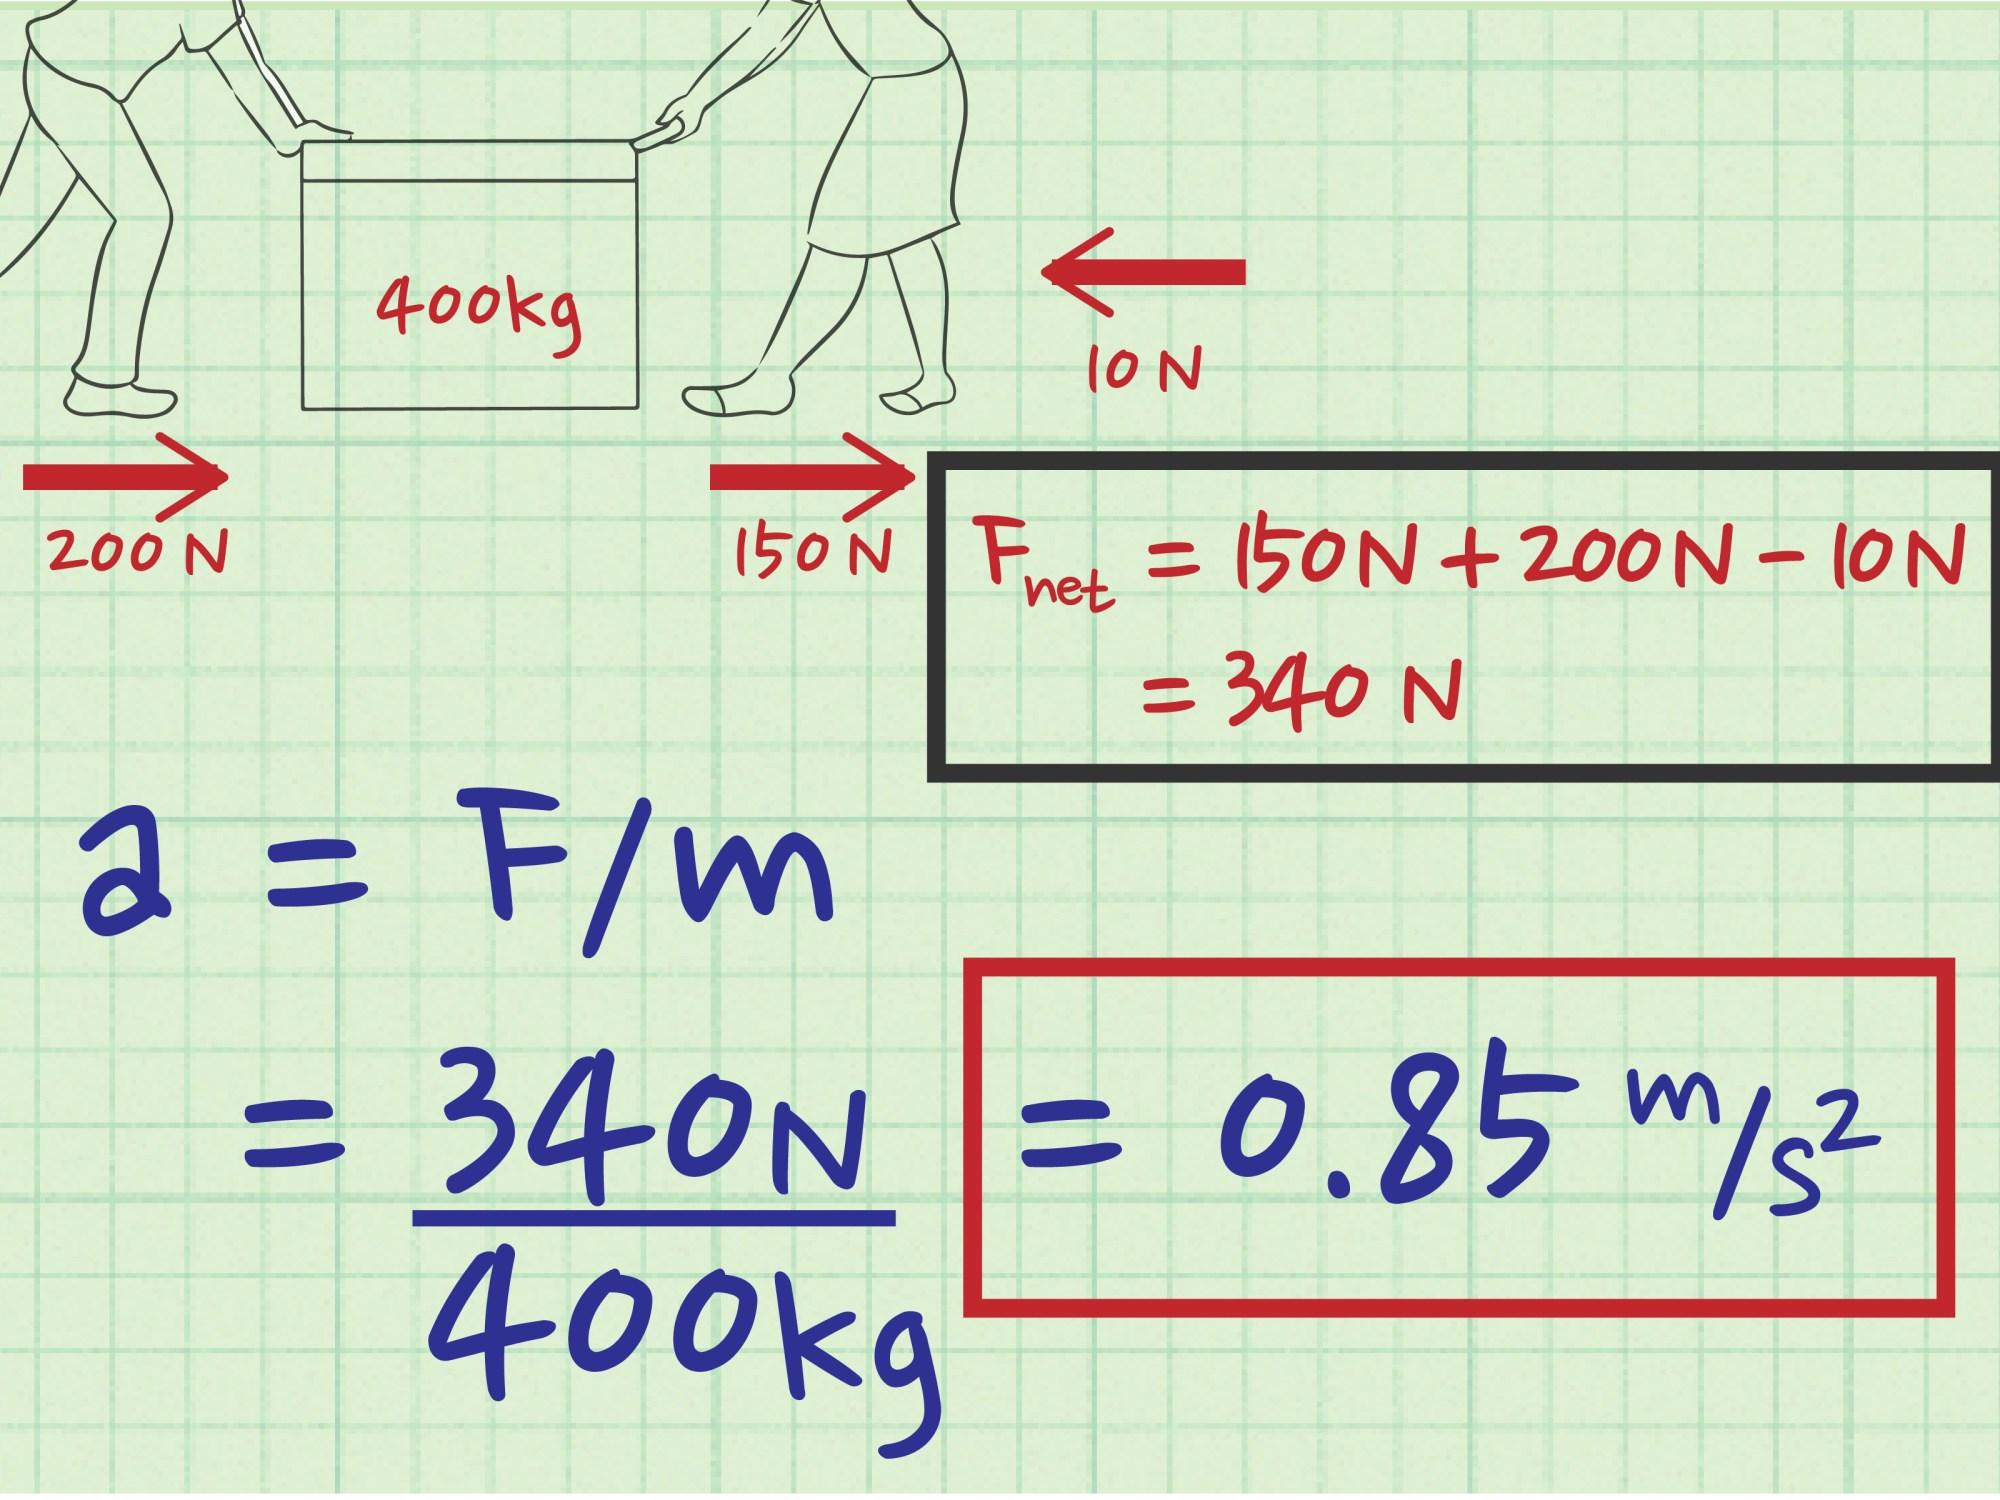 hight resolution of fnet diagram